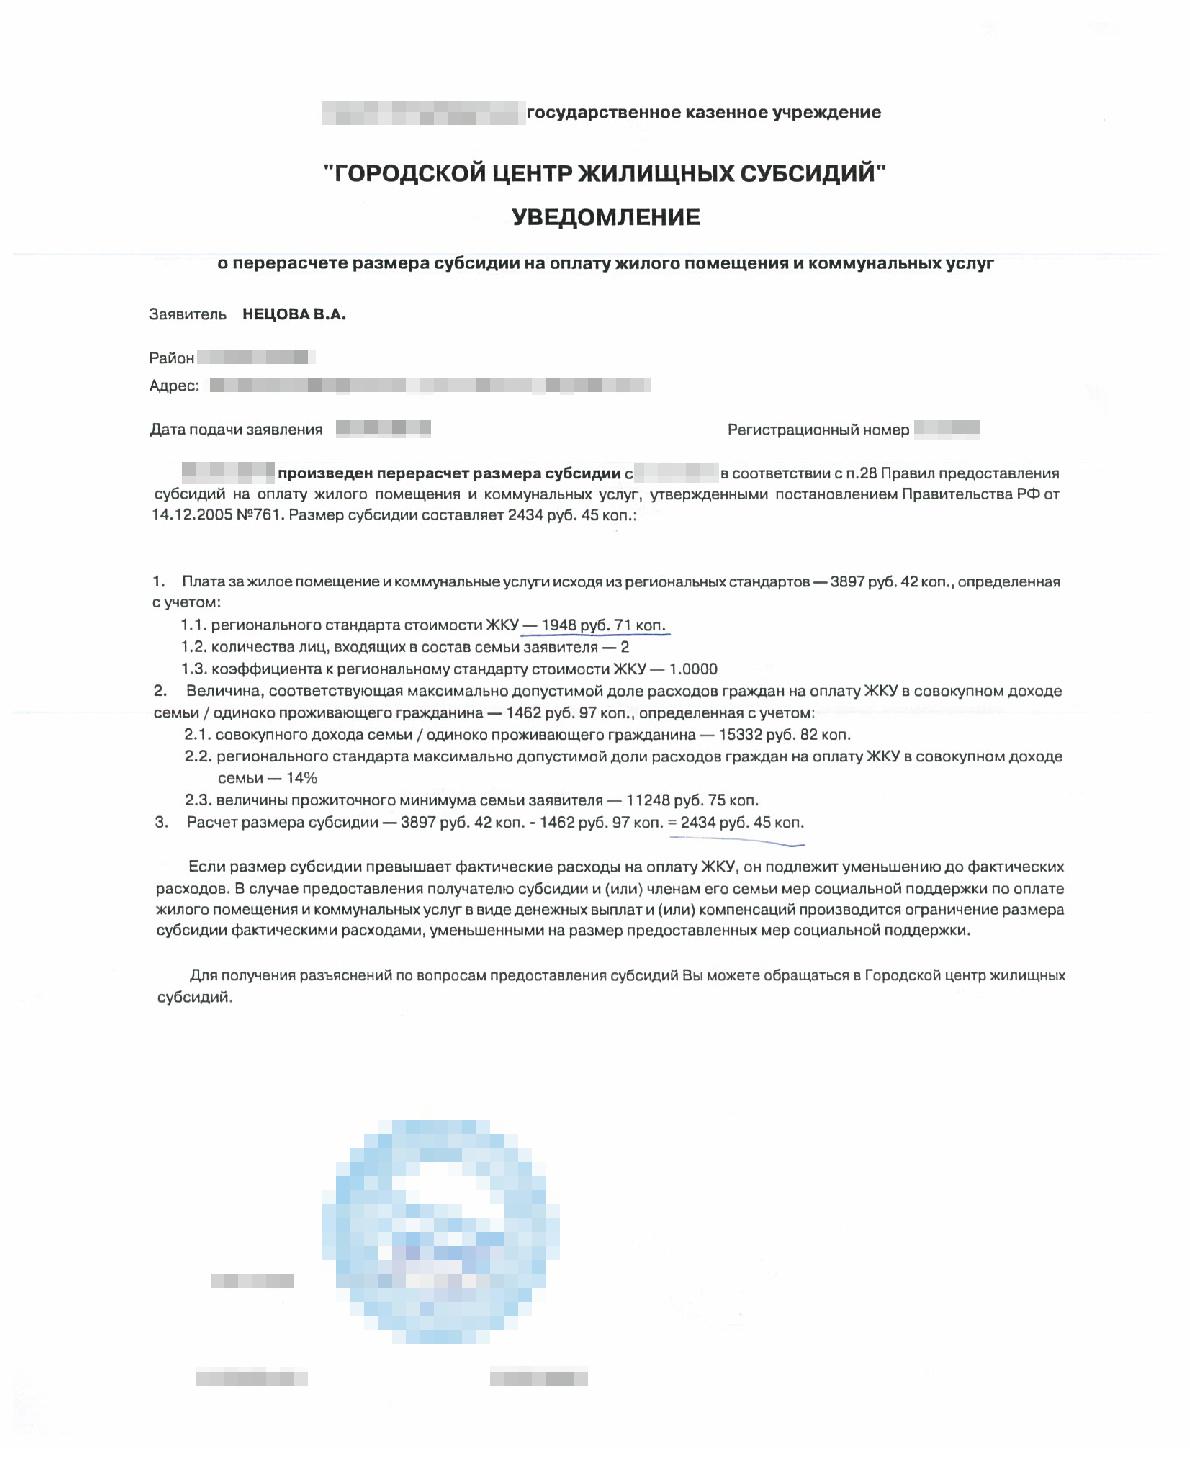 Уведомление о назначении субсидии за июль. В нем есть расчет выплаты: 3897,42{amp}lt;span class=ruble